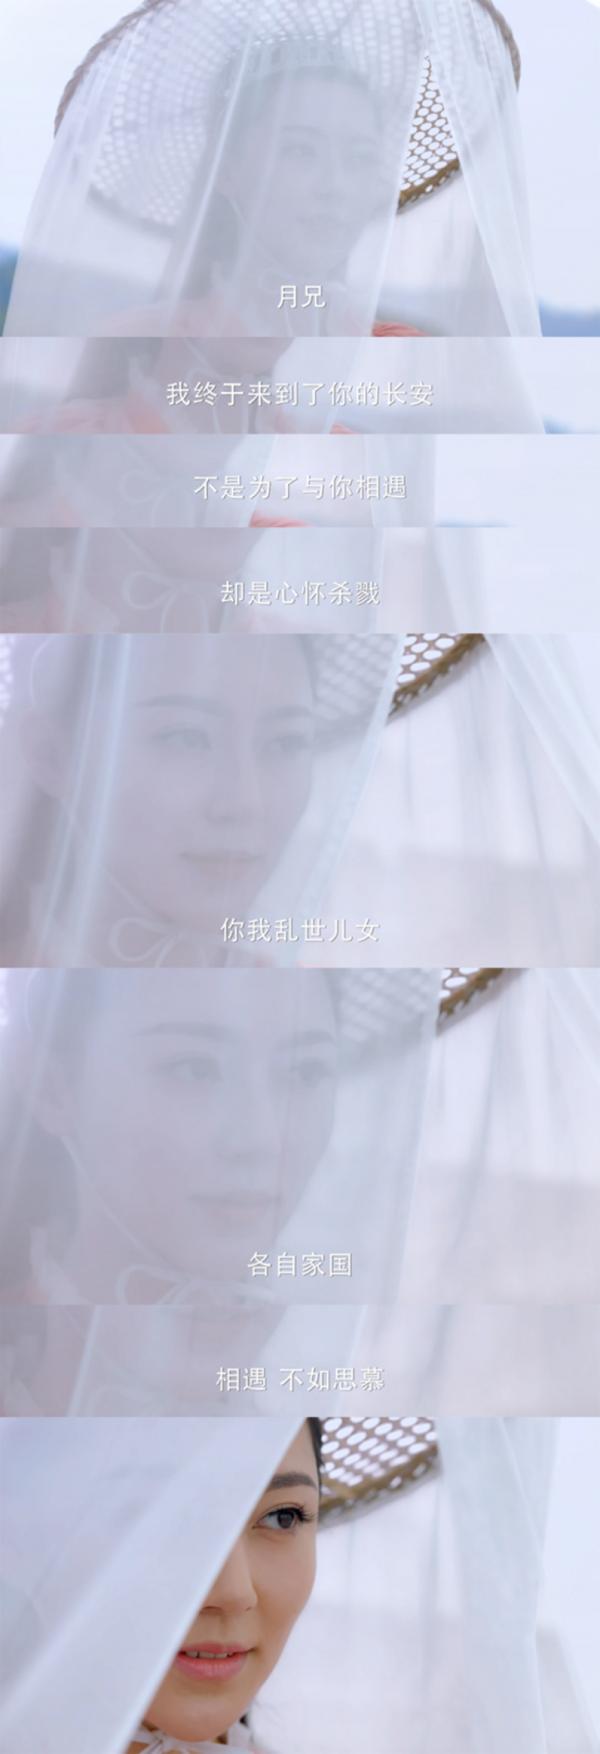 《楚乔传》萧玉已上线,黄梦莹戏里戏外都是深情